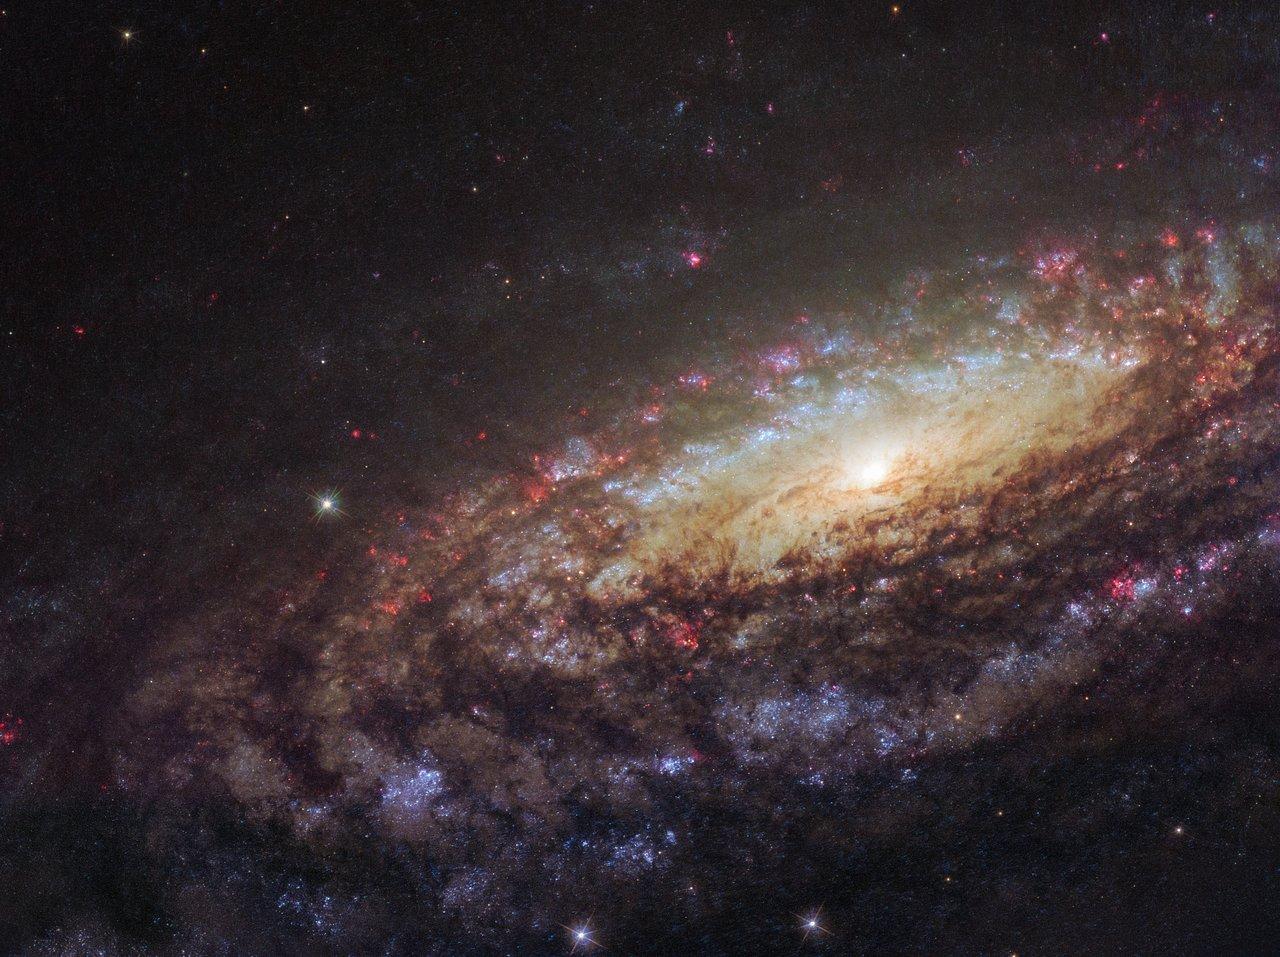 NGC 7331 Close Up